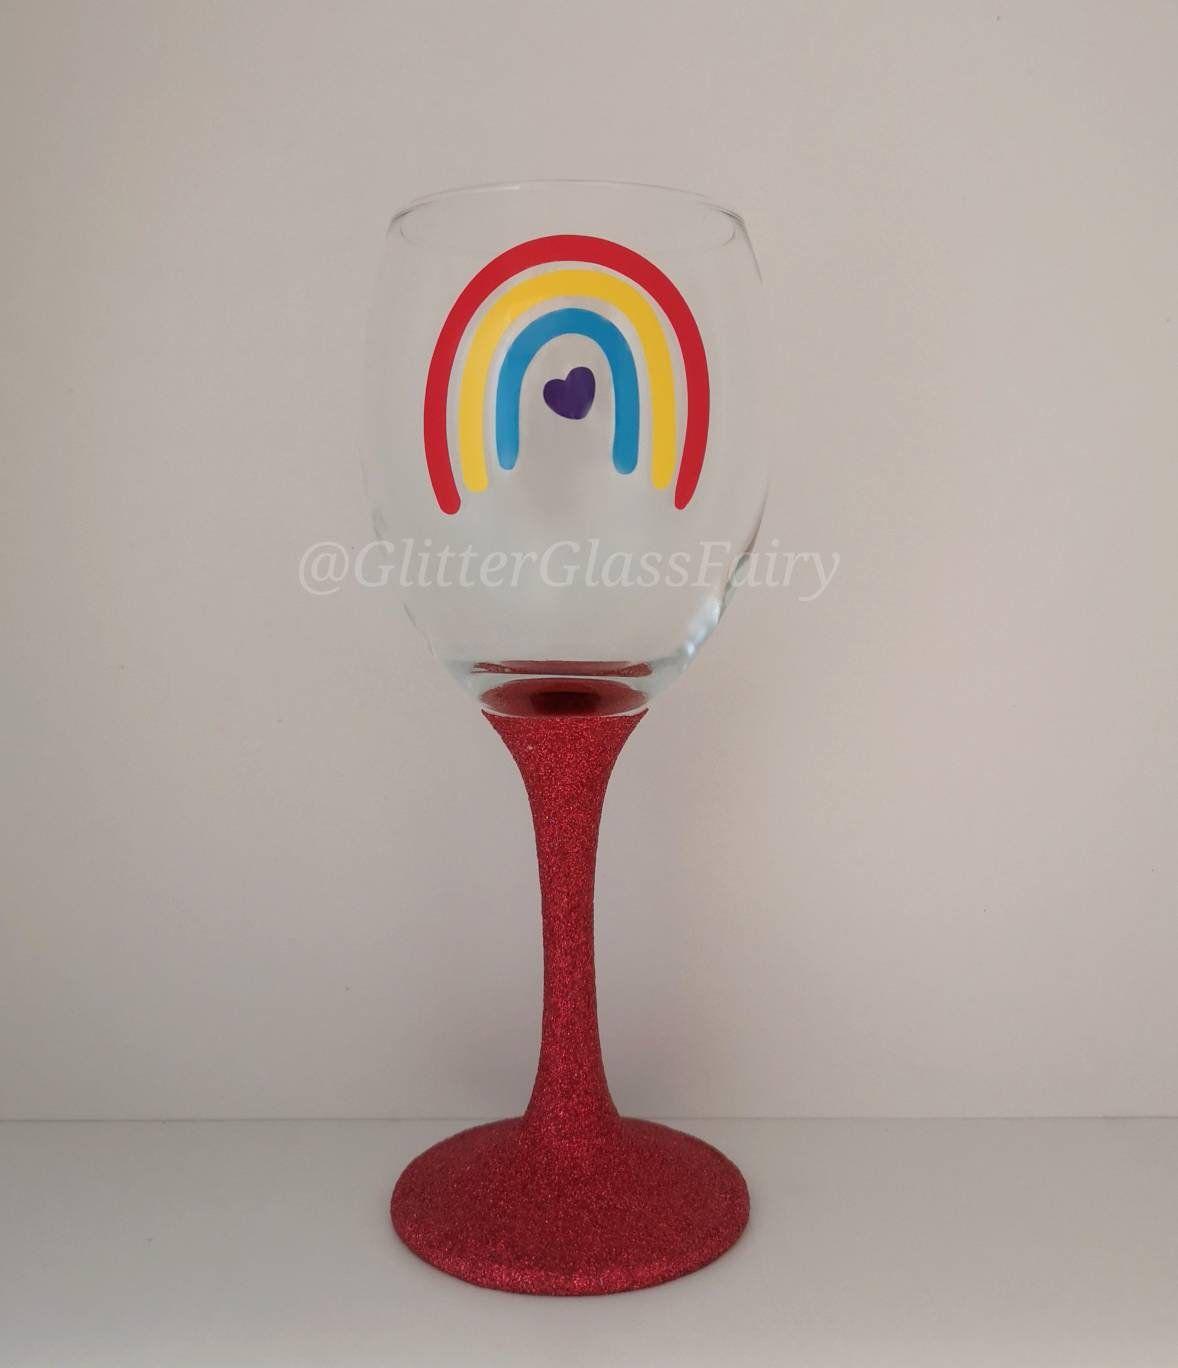 Pin On Glitter Glass Wine Glass Gin Pint Mason Jar Glasses Decorated Glass